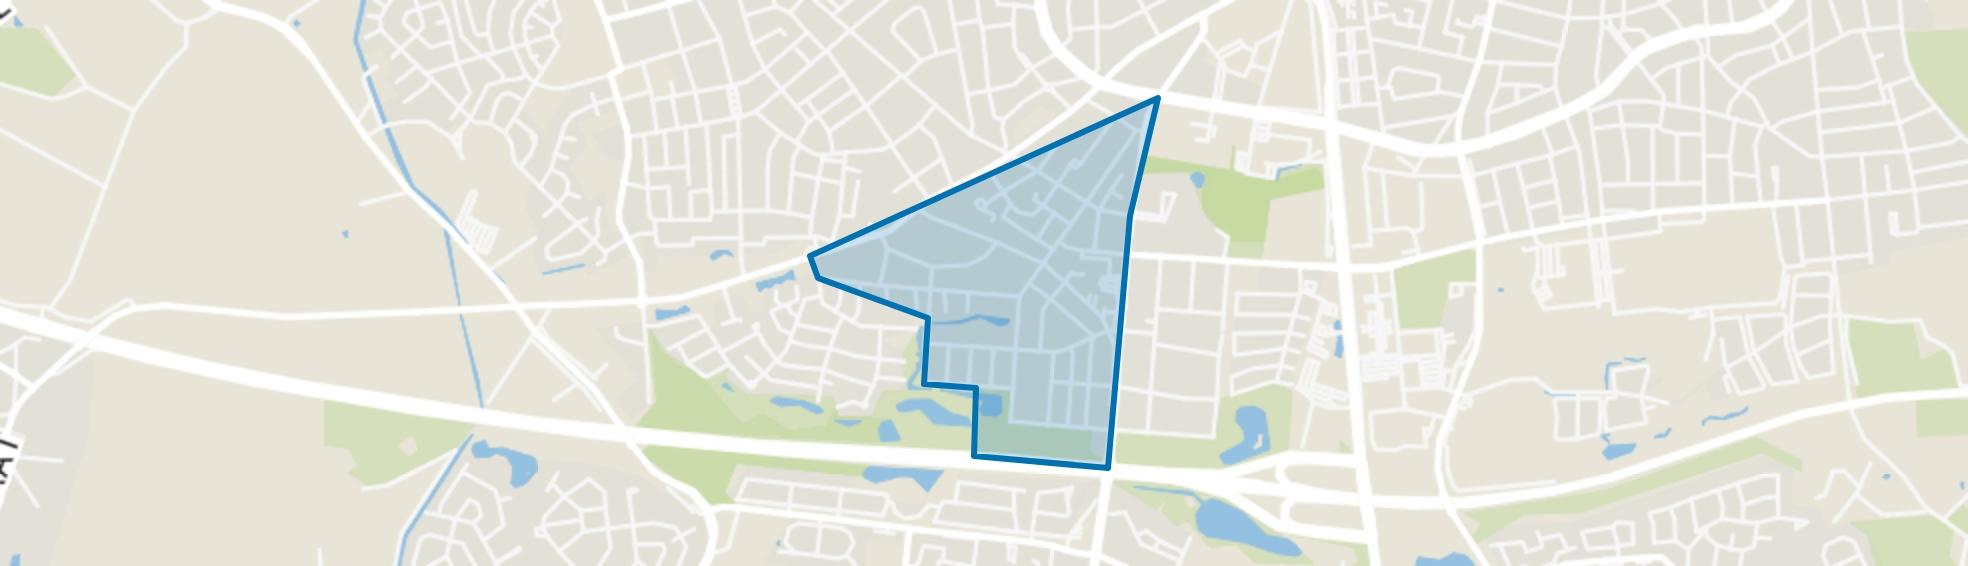 Boswinkel-De Braker, Enschede map